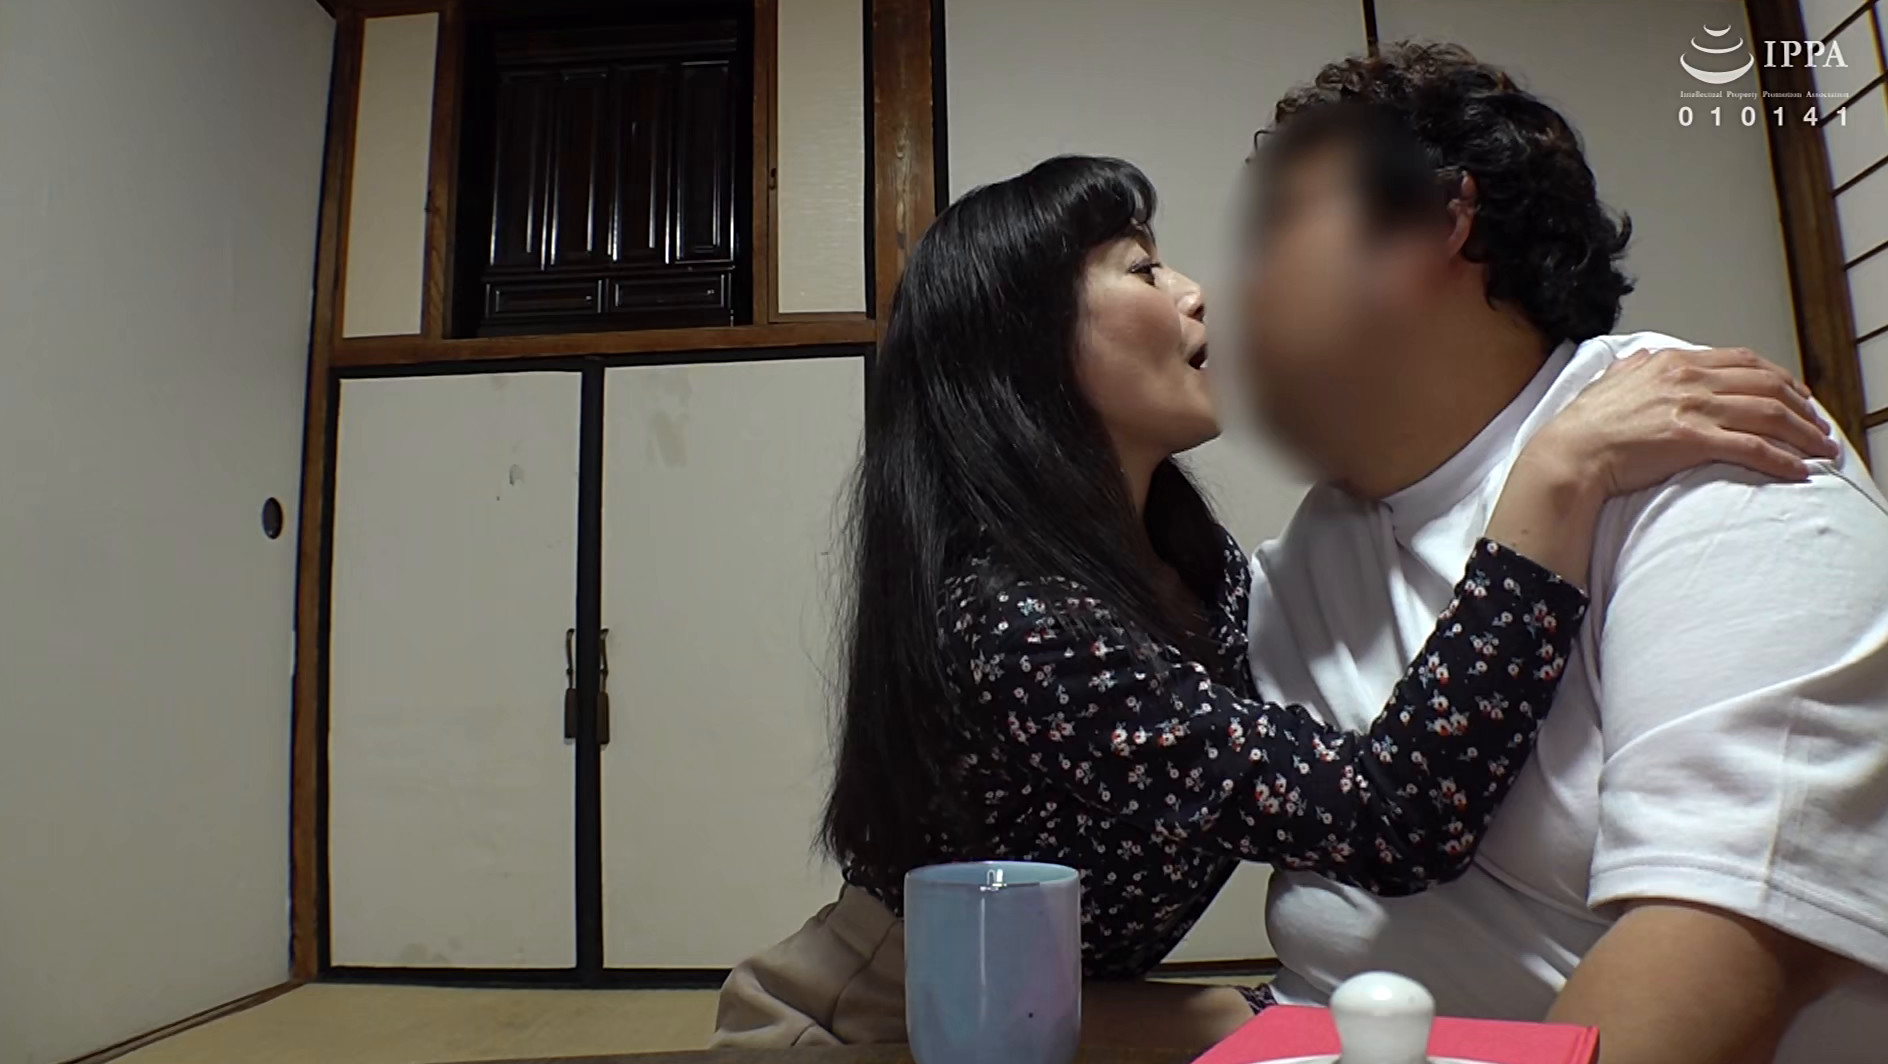 近親交姦 愛する息子をスワッピングして楽しむ2人の痴母,のサンプル画像1